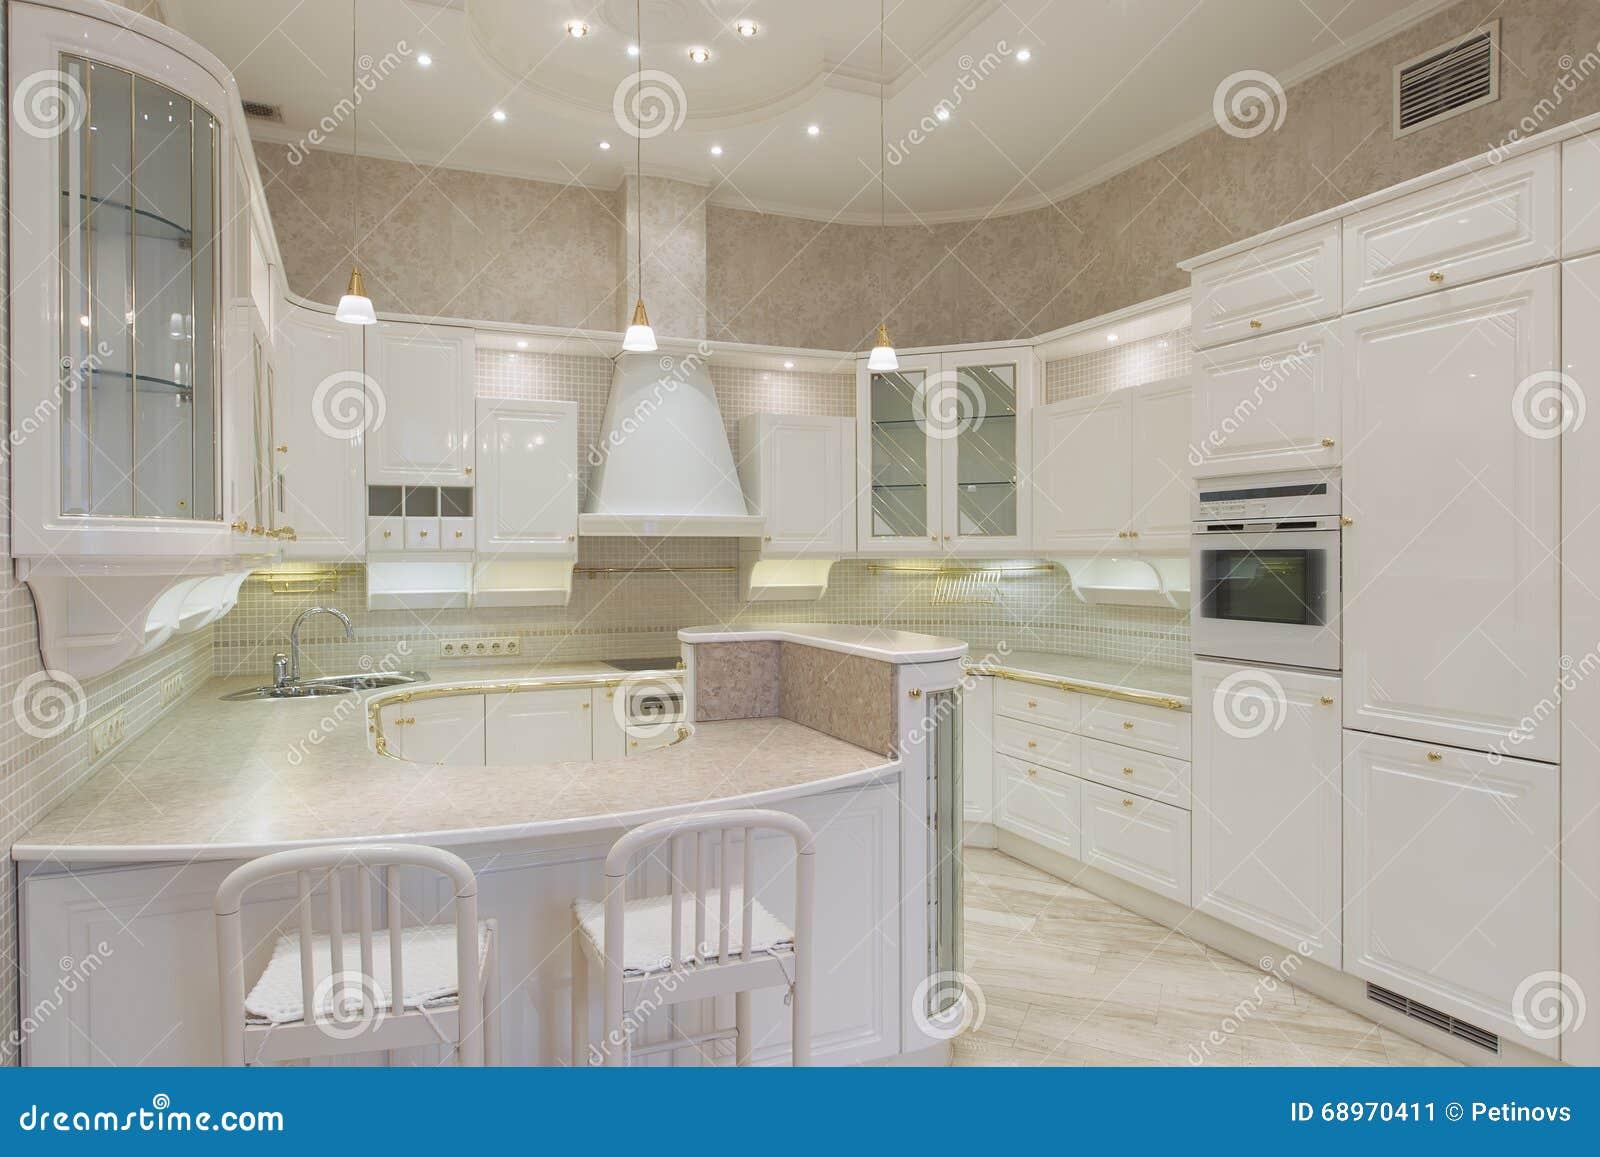 Cucina di lusso bianca in una casa moderna immagine stock for Casa moderna bianca